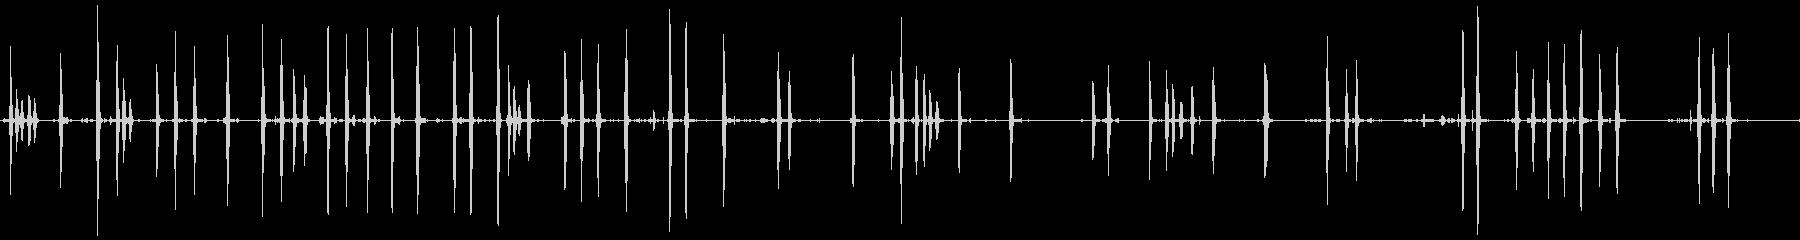 ドッグバーキング6、動物; DIG...の未再生の波形